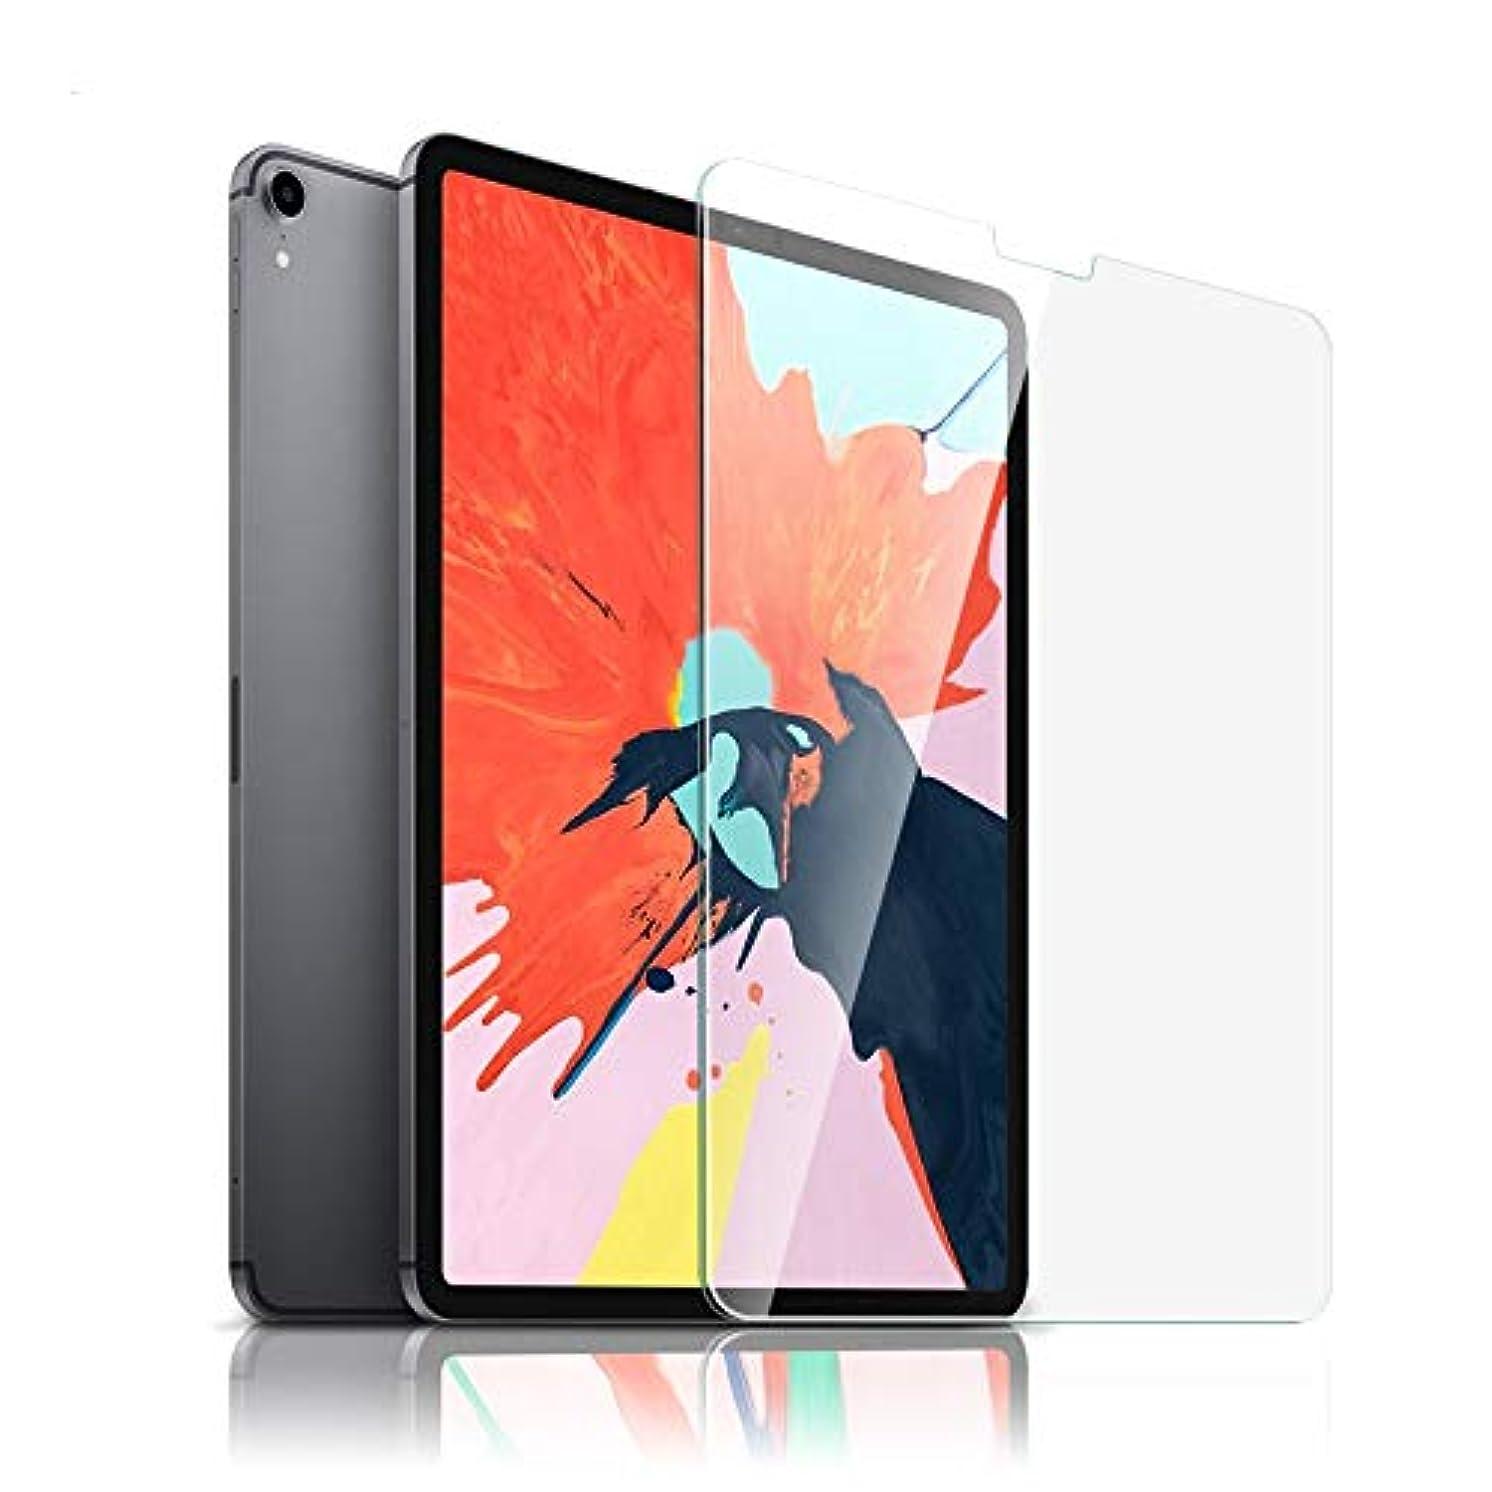 悪用敏感な涙が出る【タッチ感度改善版】iPad Pro 12.9インチ ガラスフィルム 透明 高透過 2018 新型 液晶保護フィルム 日本製ガラス 硬度9H 【BELLEMOND YP】iPadPro 12.9 GCL 2018